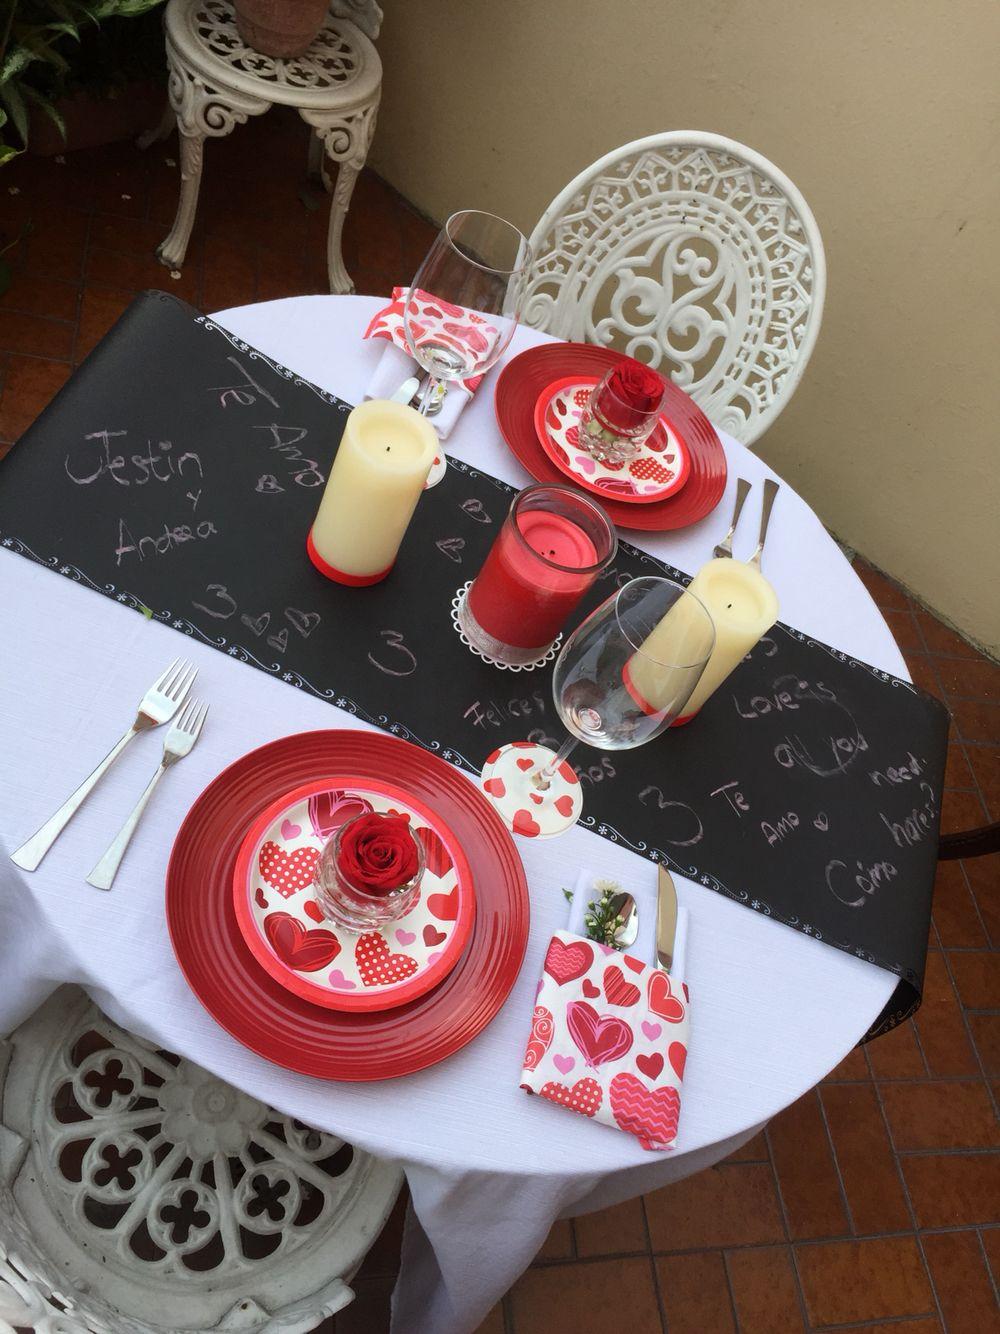 Decoraci n de mesa para cena rom ntica regalos novio - Decoracion cena romantica ...